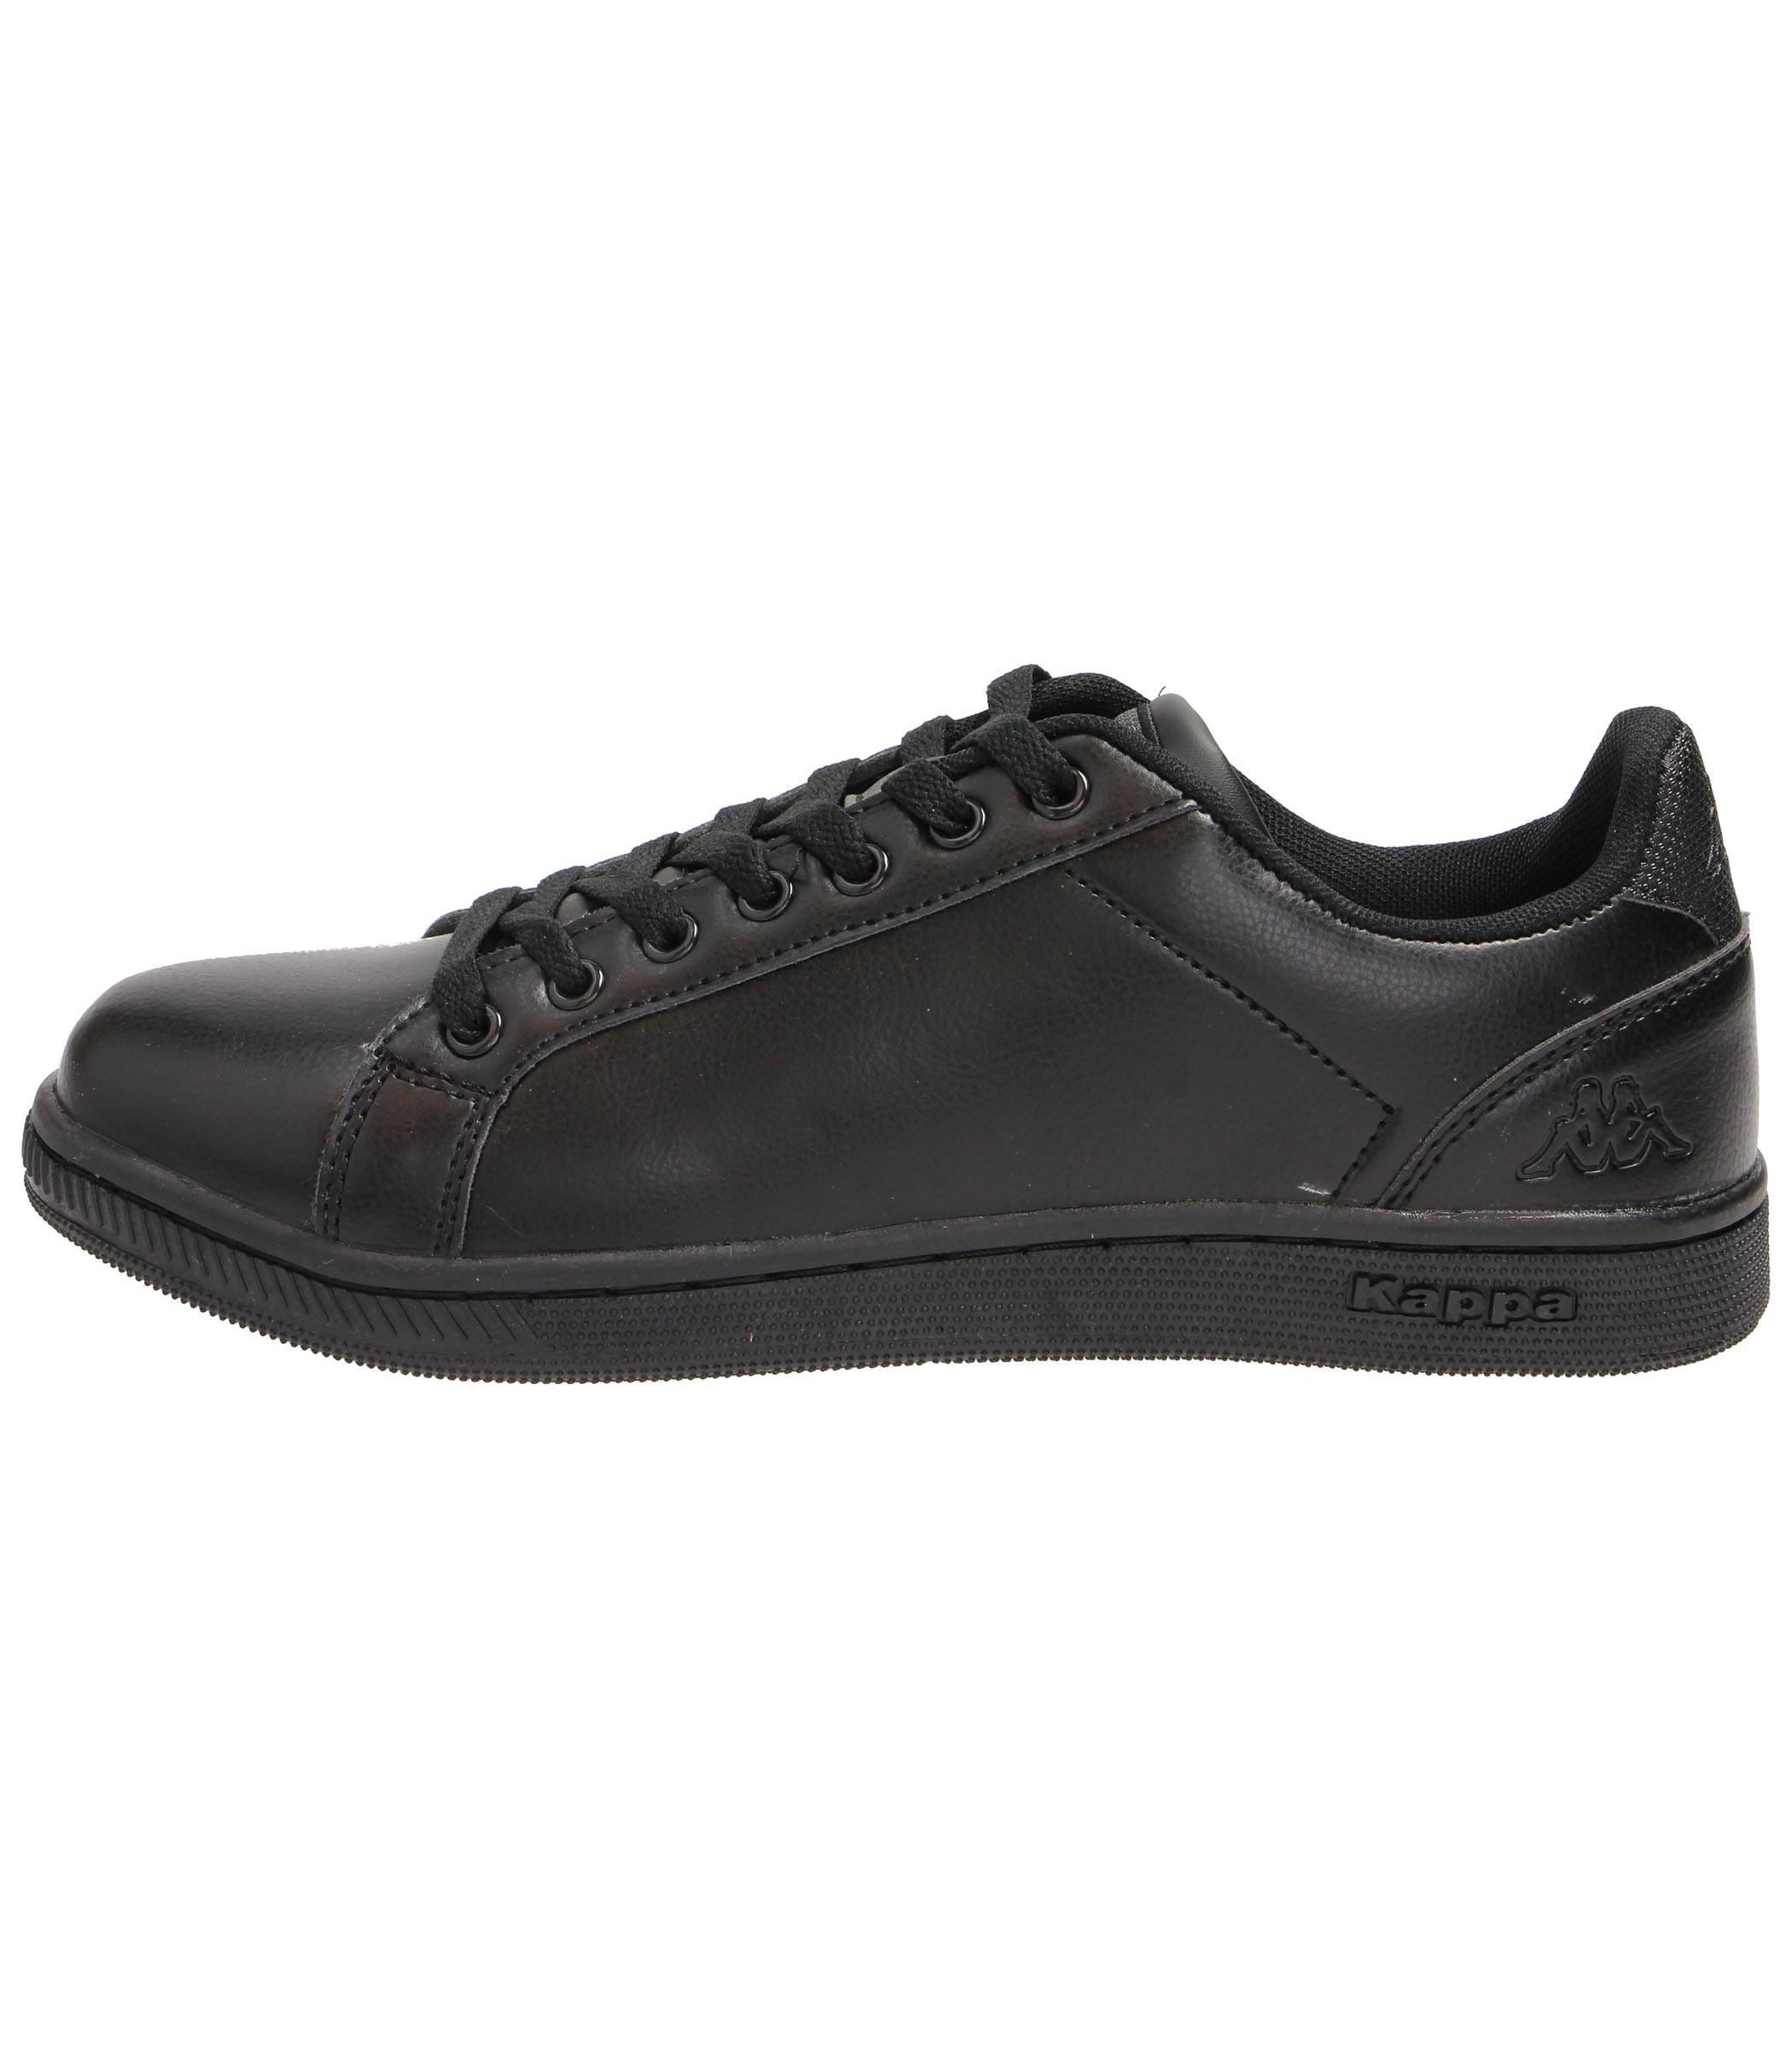 quality design 5e95c 6a848 Scarpe Sneakers KAPPA Logo Galter 2 da uomo originali rif ...